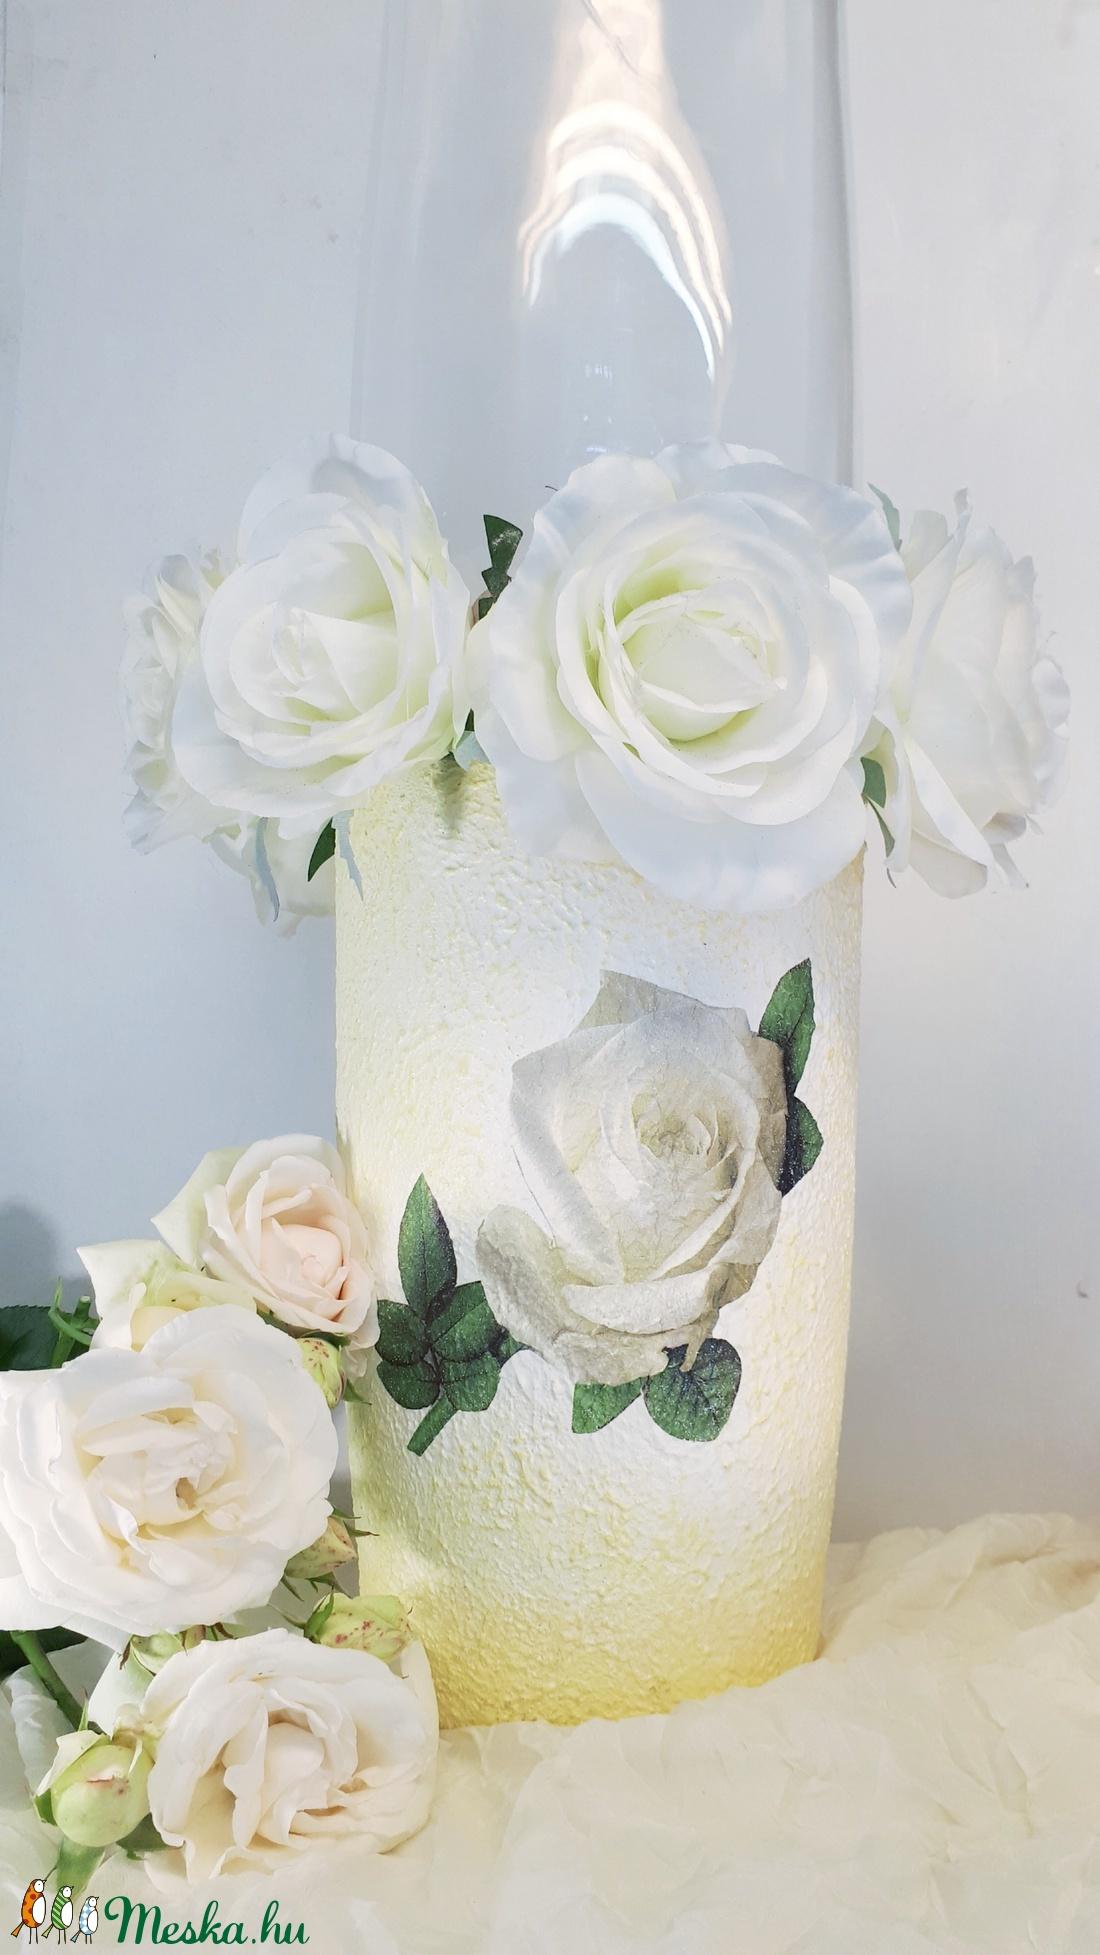 Fehér rózsa padlóváza esküvőre, eljegyzésre leánybúcsúba legénybúcsúba nászajándékba - esküvő - dekoráció - helyszíni dekor - Meska.hu